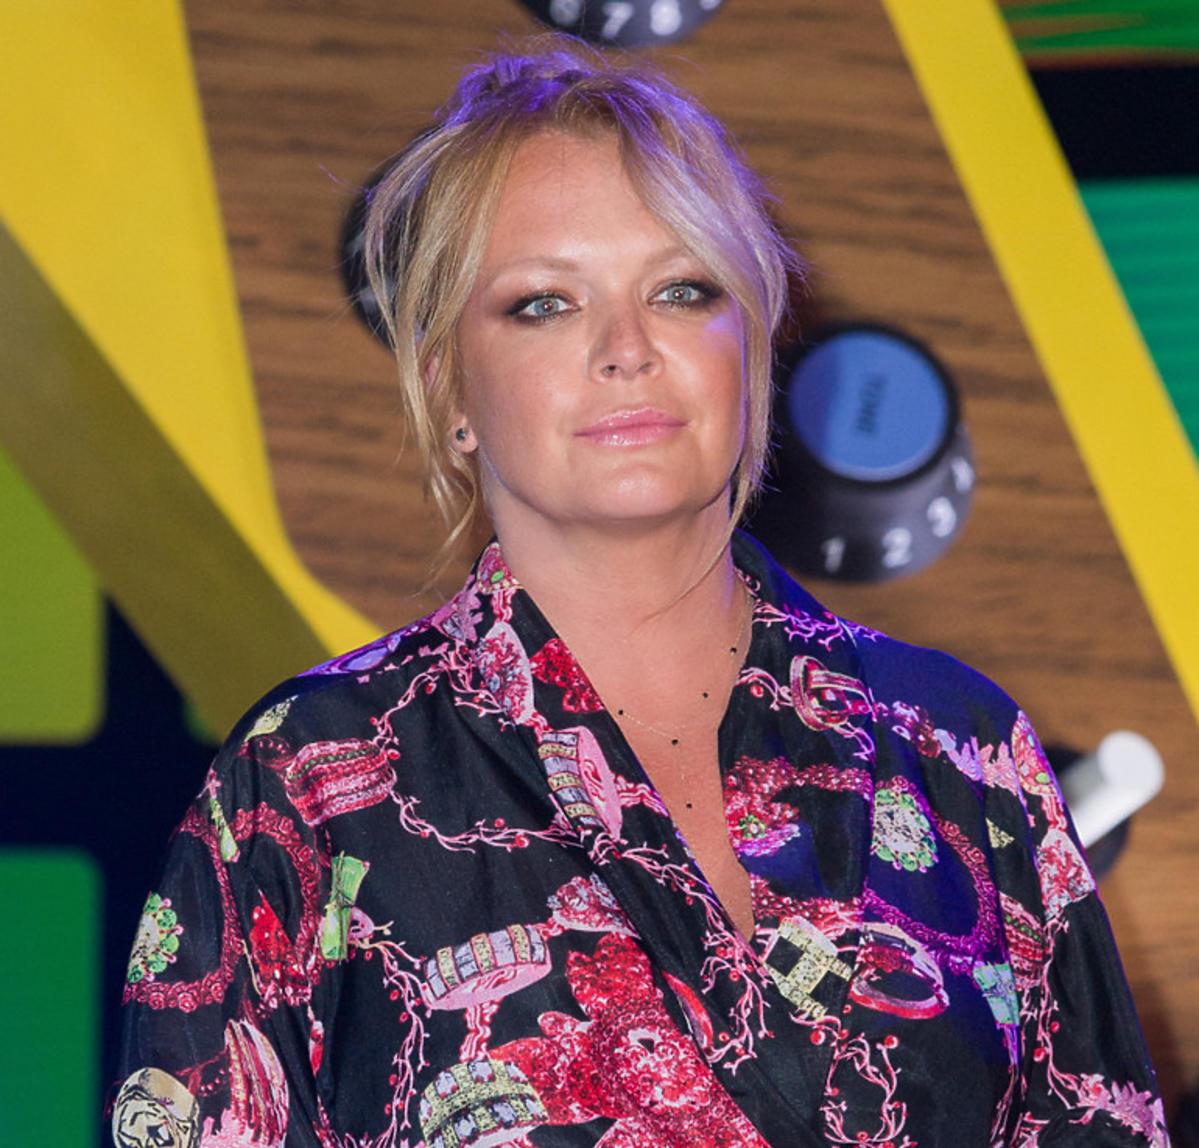 Daria Widawska na tej samej diecie co Adele! Schudła?